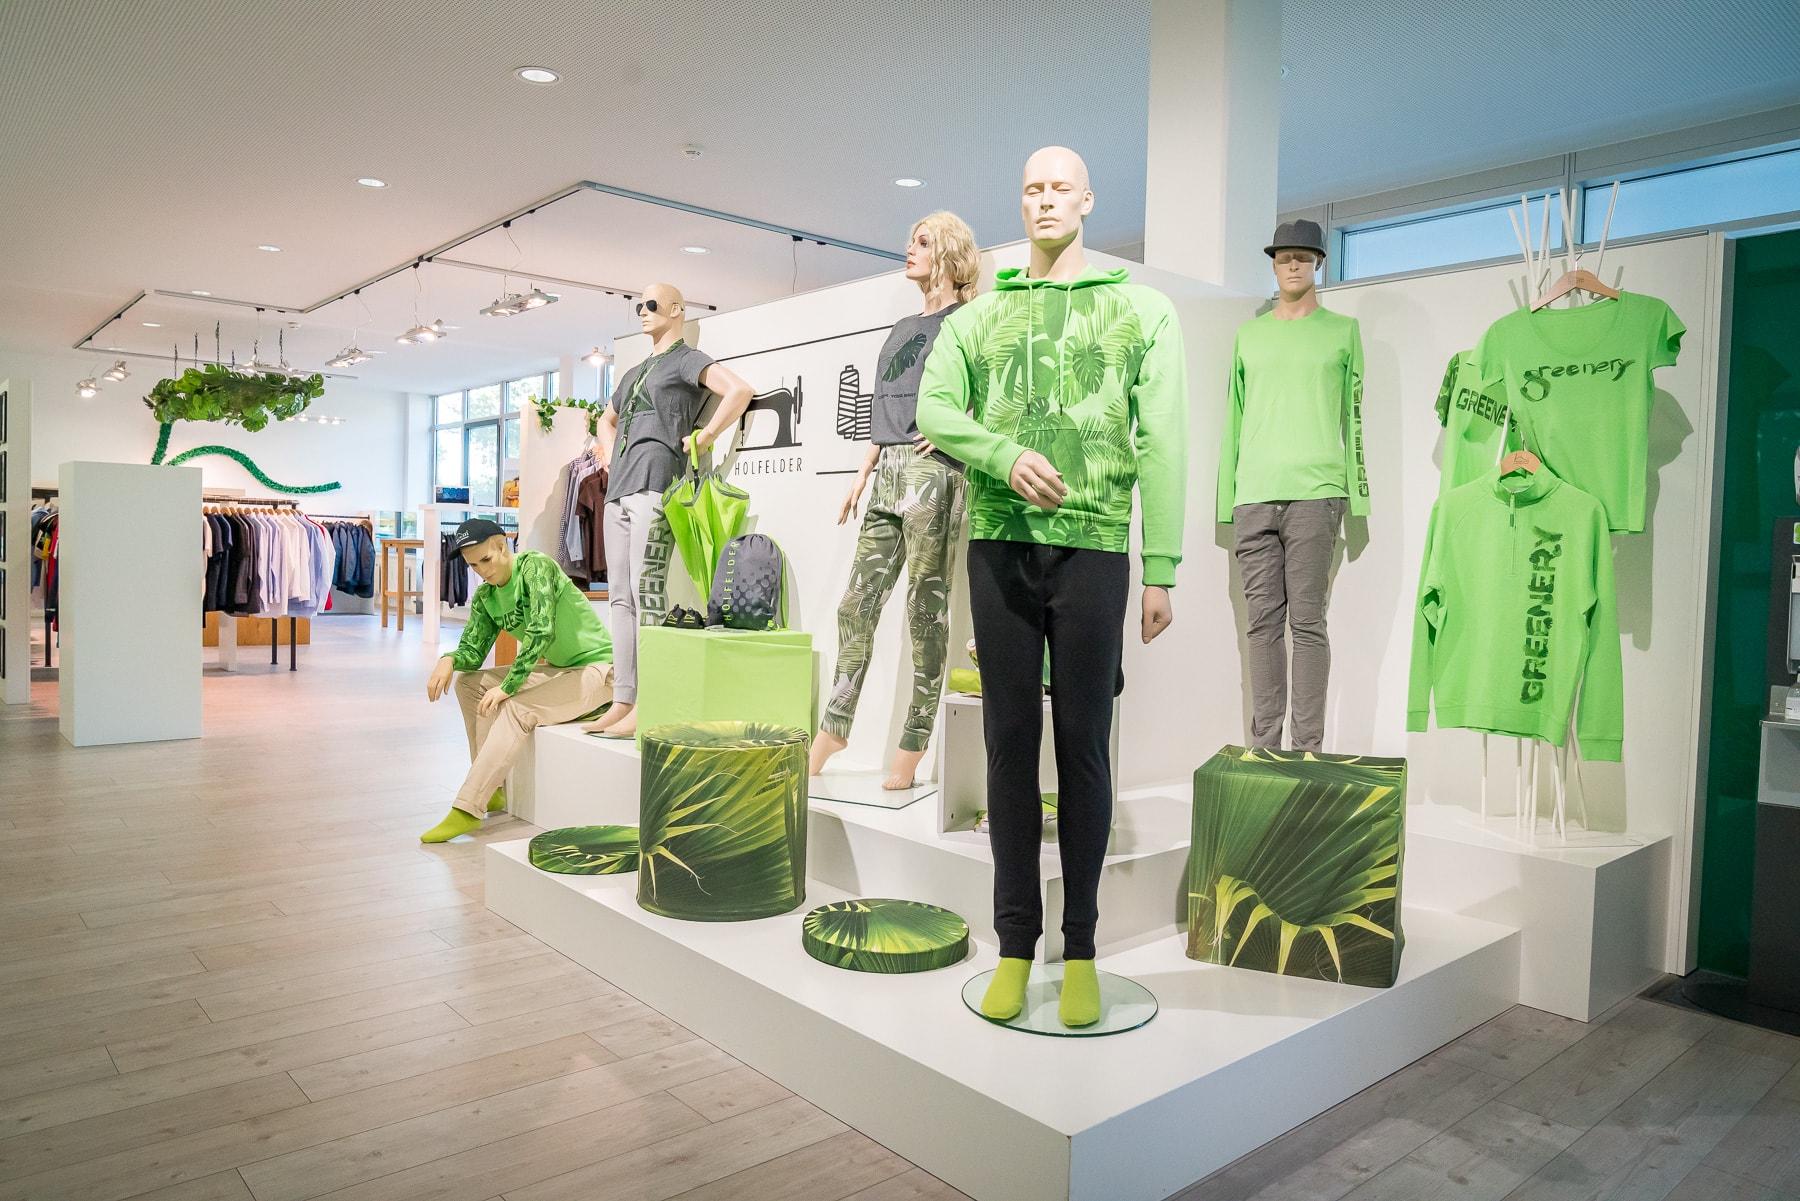 Showroom und Schaufensterpuppen in Grüner Corporate Fashion Kollektion